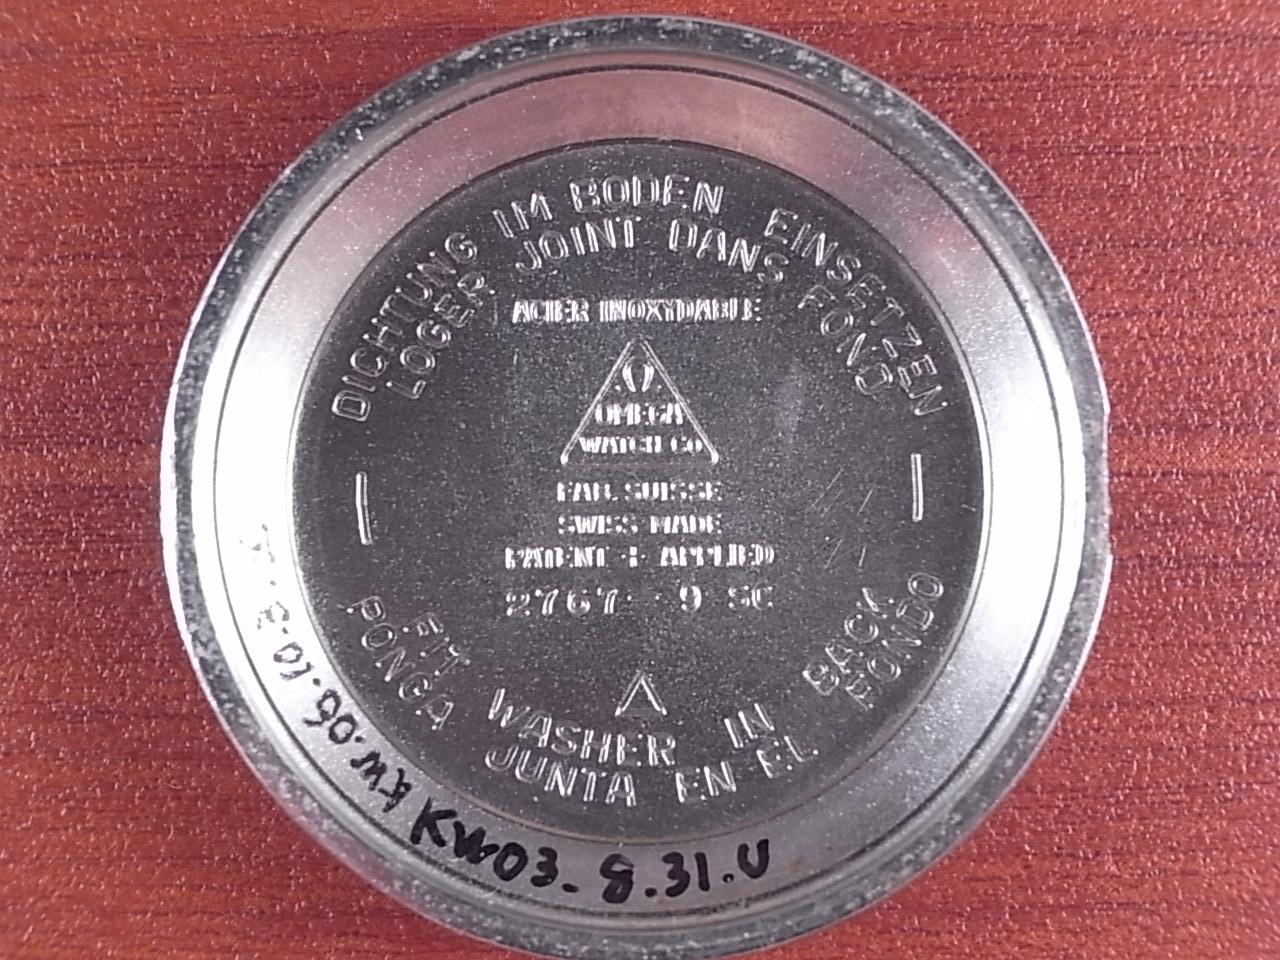 オメガ シーマスター バンパー オートマチック 1950年代の写真6枚目